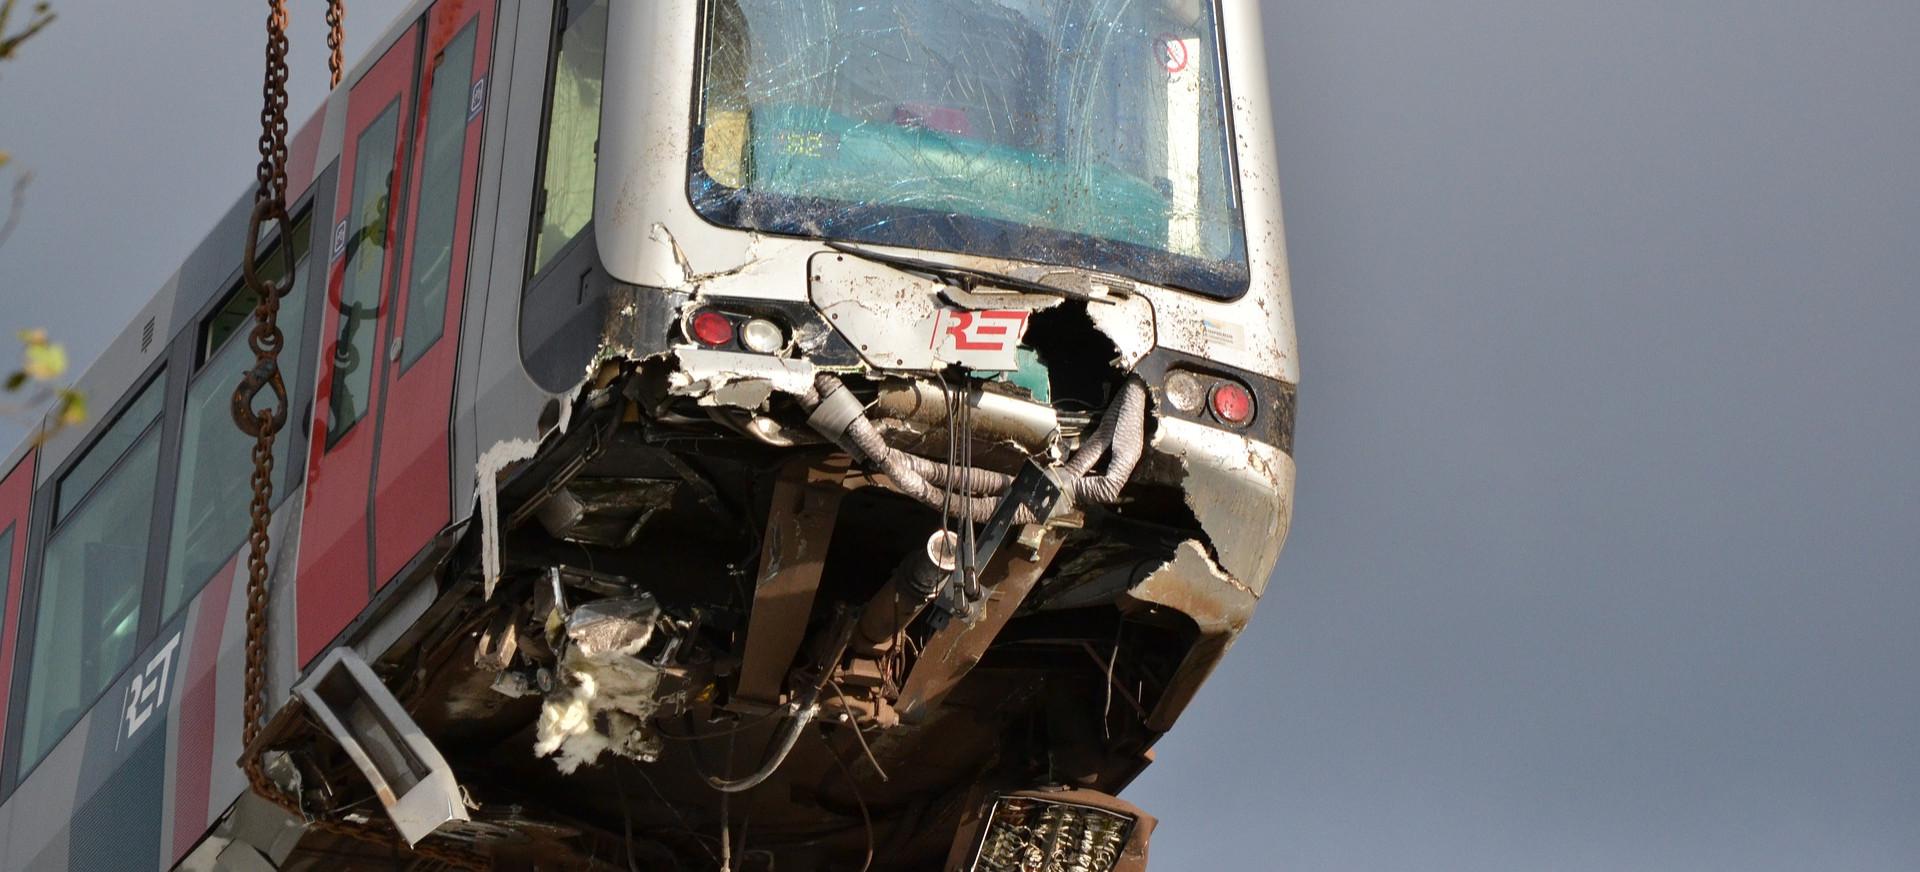 PILNE. Zderzenie pociągów. Jechały tym samym torem! 3 osoby ranne